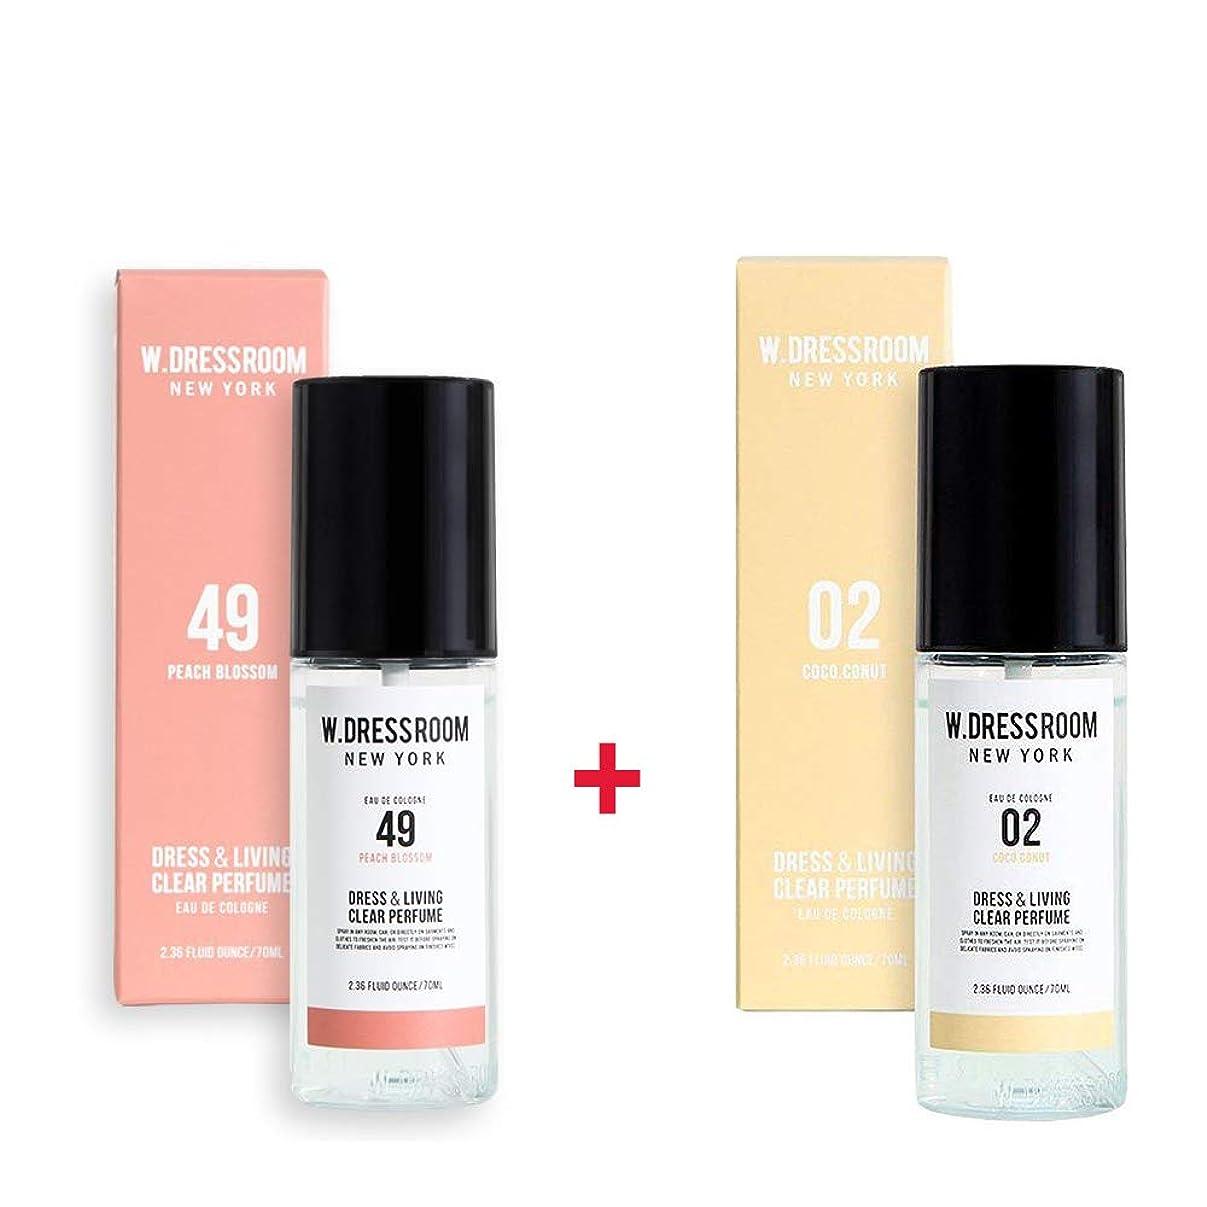 責める関係する消えるW.DRESSROOM Dress & Living Clear Perfume 70ml (No 49 Peach Blossom)+(No .02 Coco Conut)